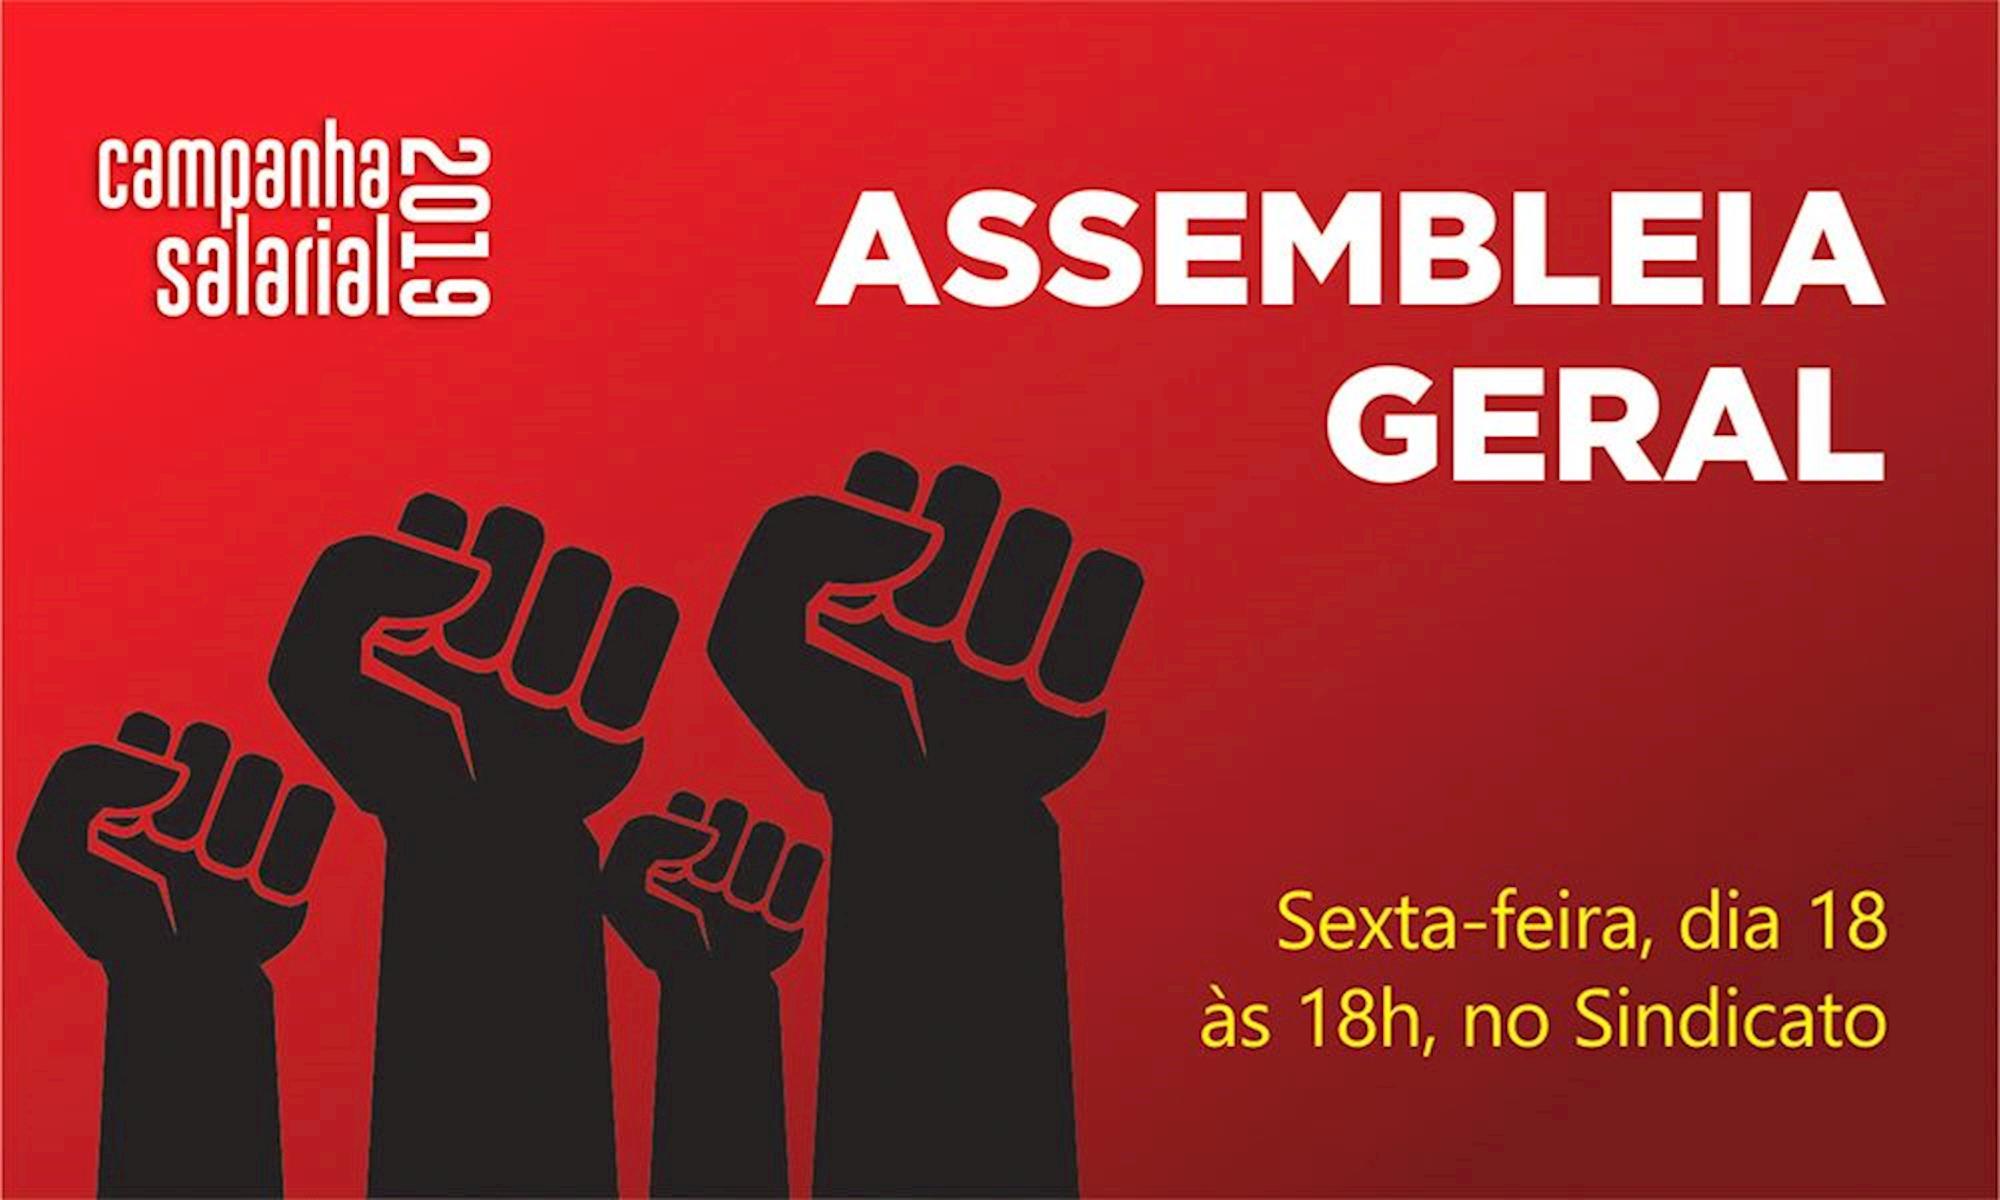 assembleia, campanha, salarial, , Divulgação